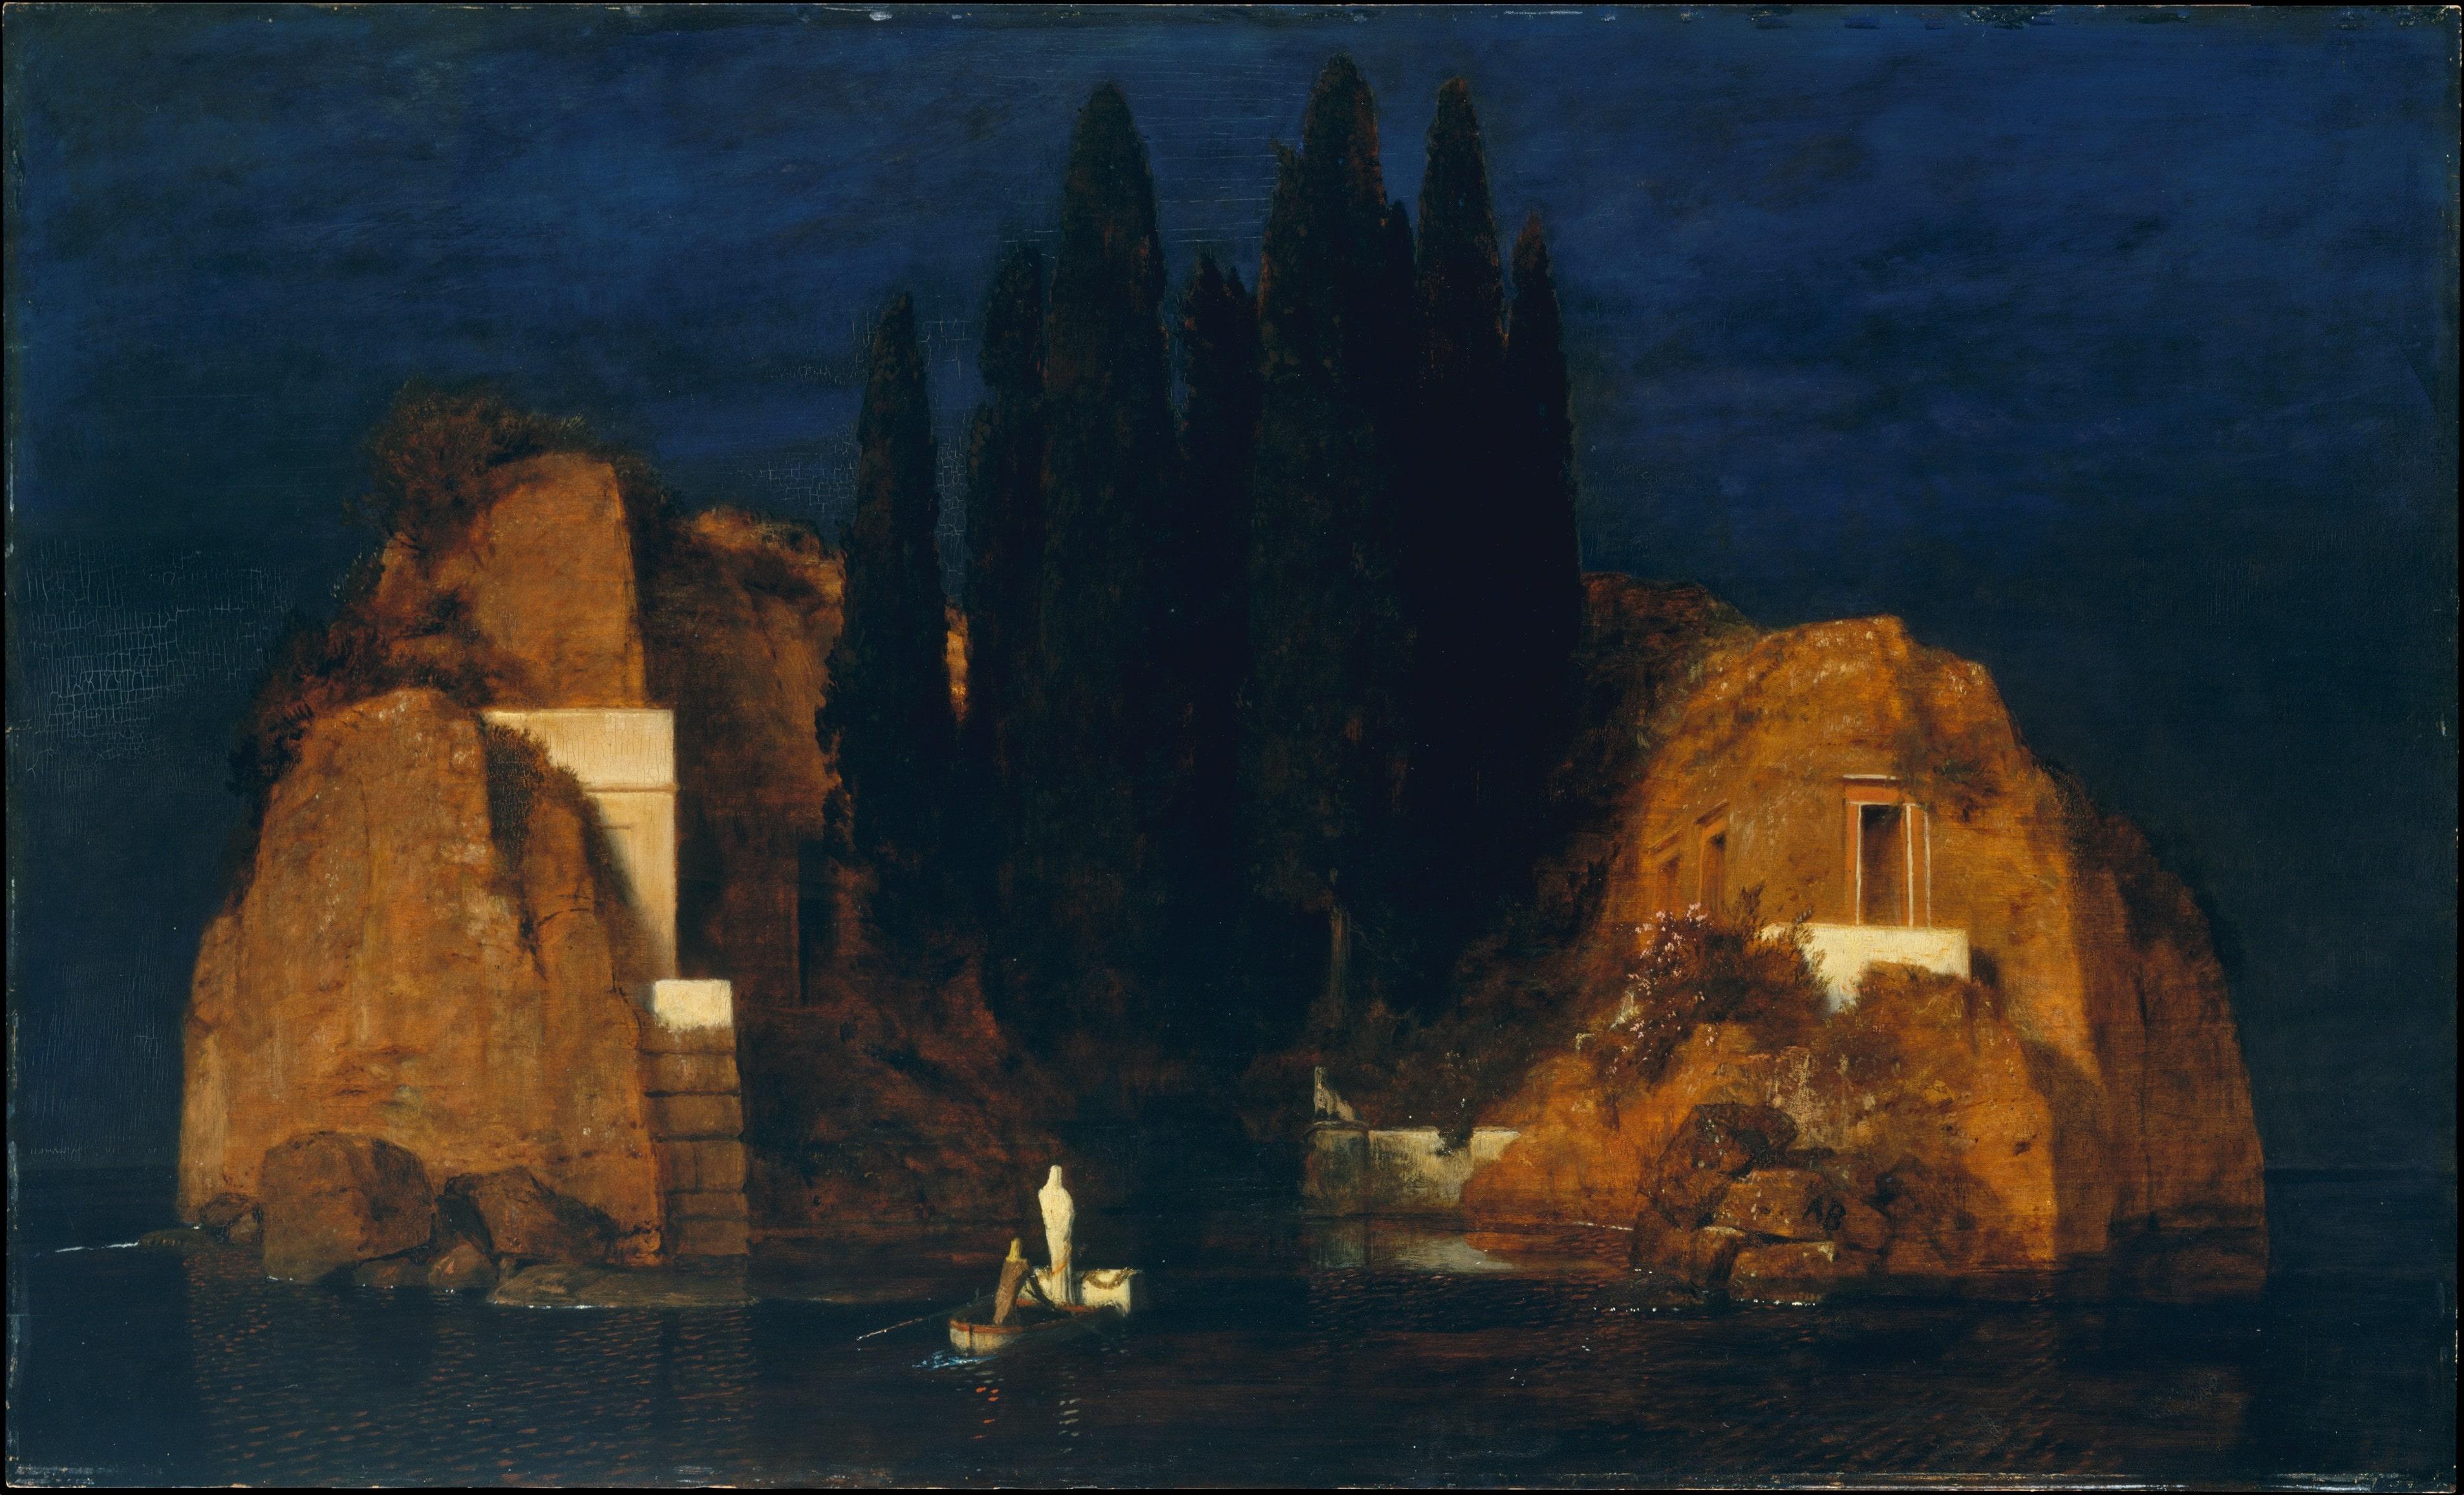 Arnold_Böcklin_-_Die_Toteninsel_II_(Metropolitan_Museum_of_Art)-min